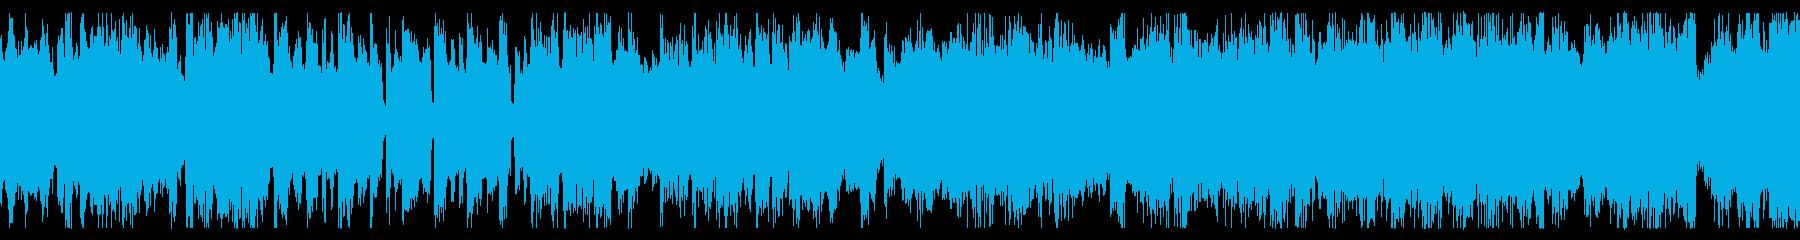 ループ素材 軽快なチップチューンの再生済みの波形